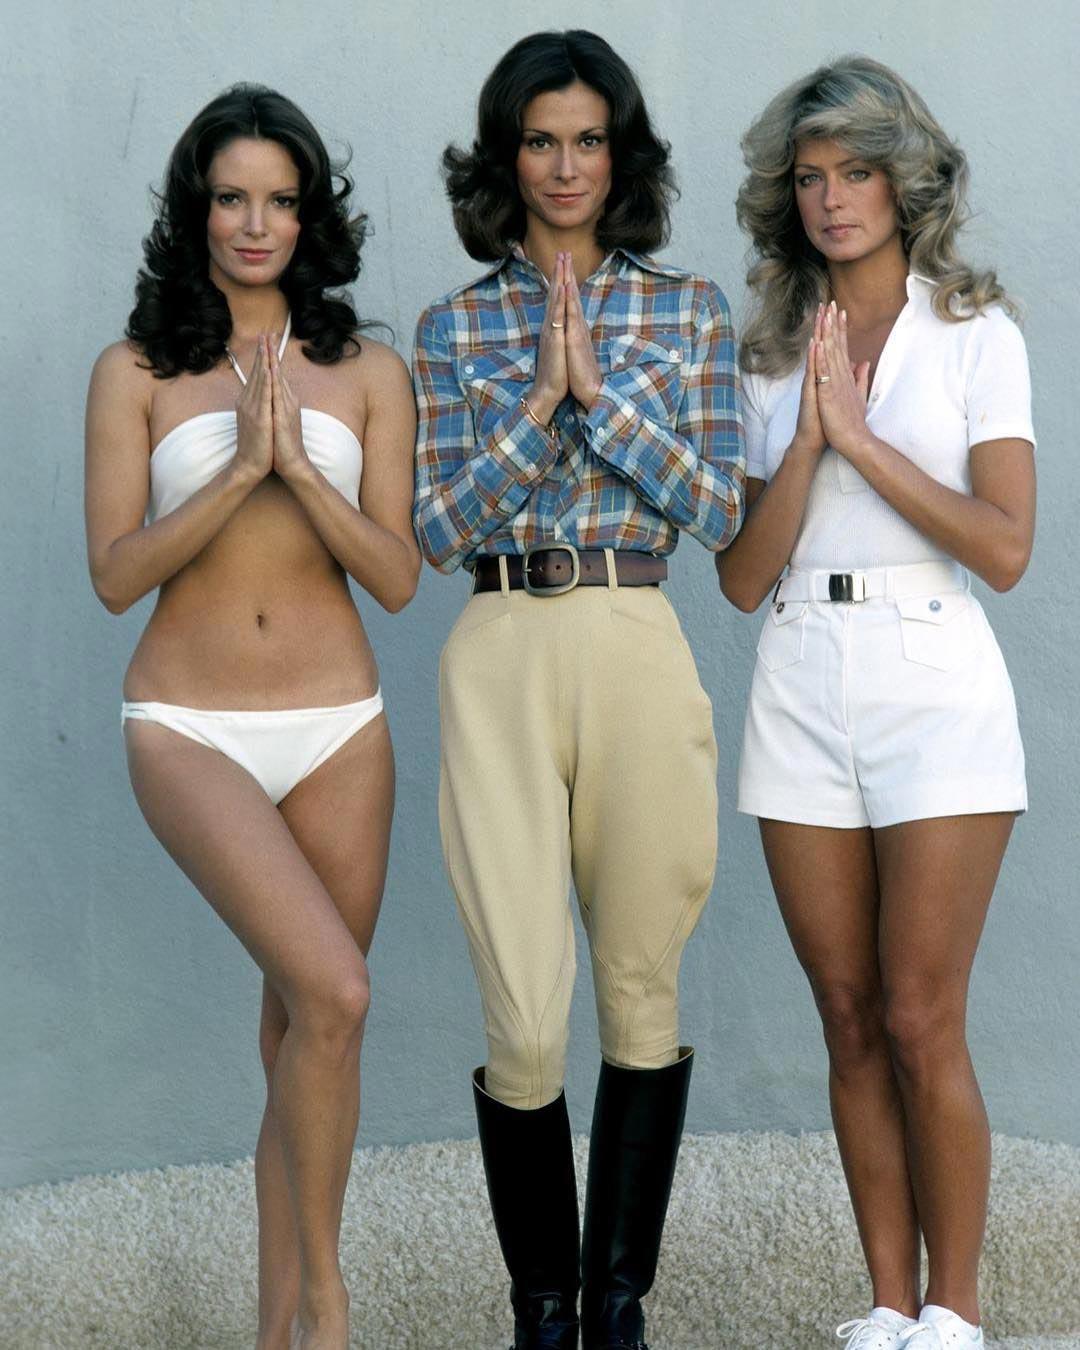 Жаклин Смит, Фэрра Фосетт и Кейт Джексон в 1976 году